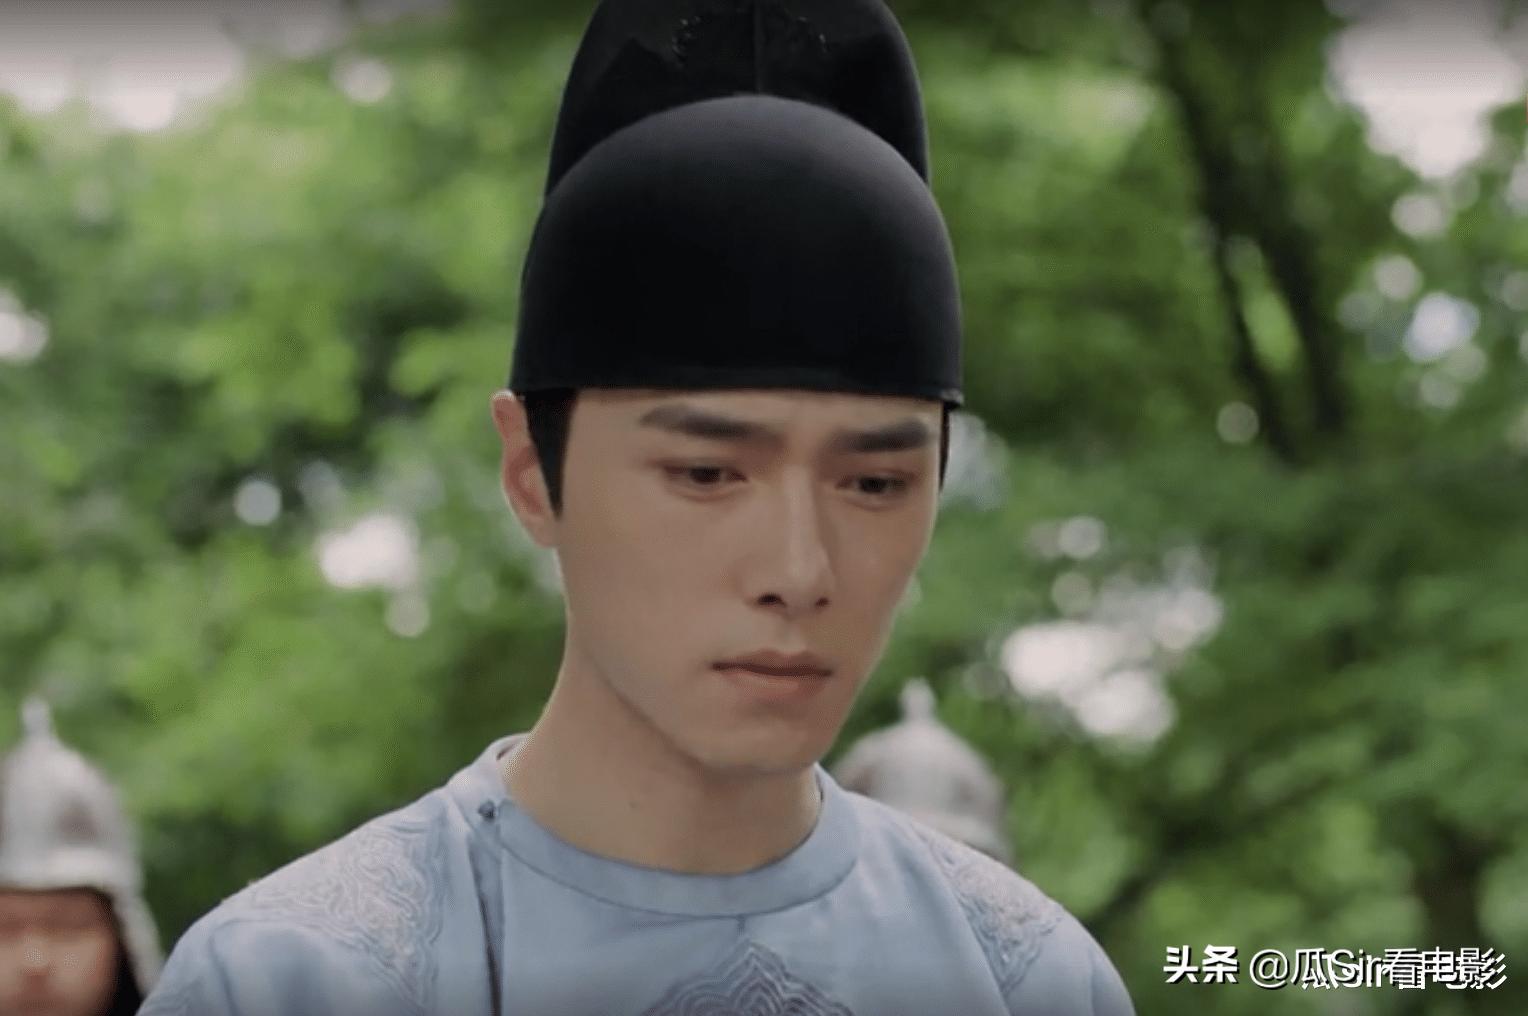 《长歌行》痴情男配魏叔玉,深陷情感与义理的漩涡之中